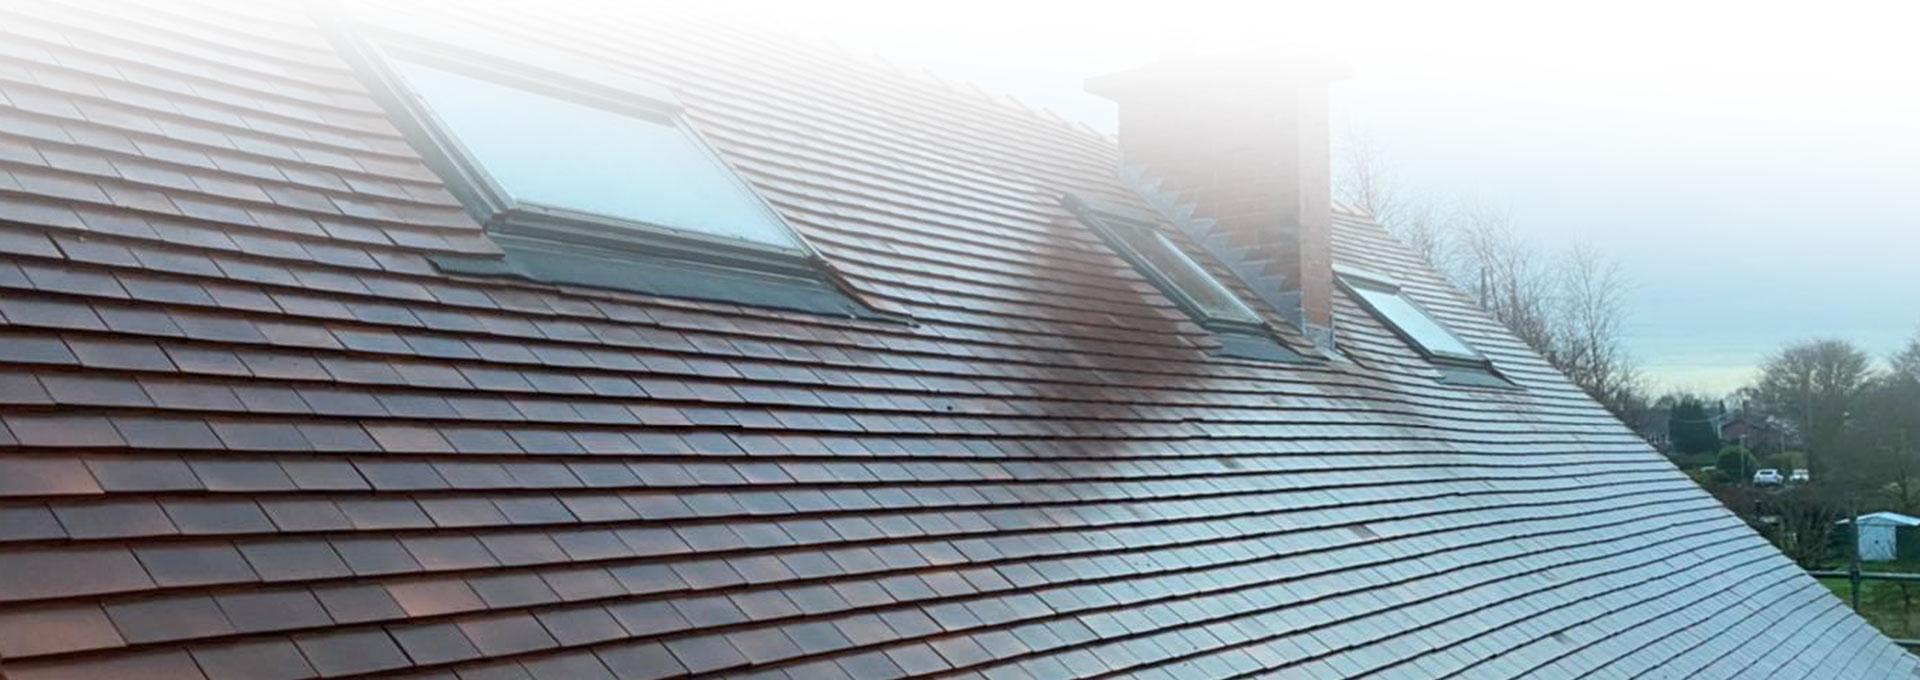 tiled roof bamber bridge